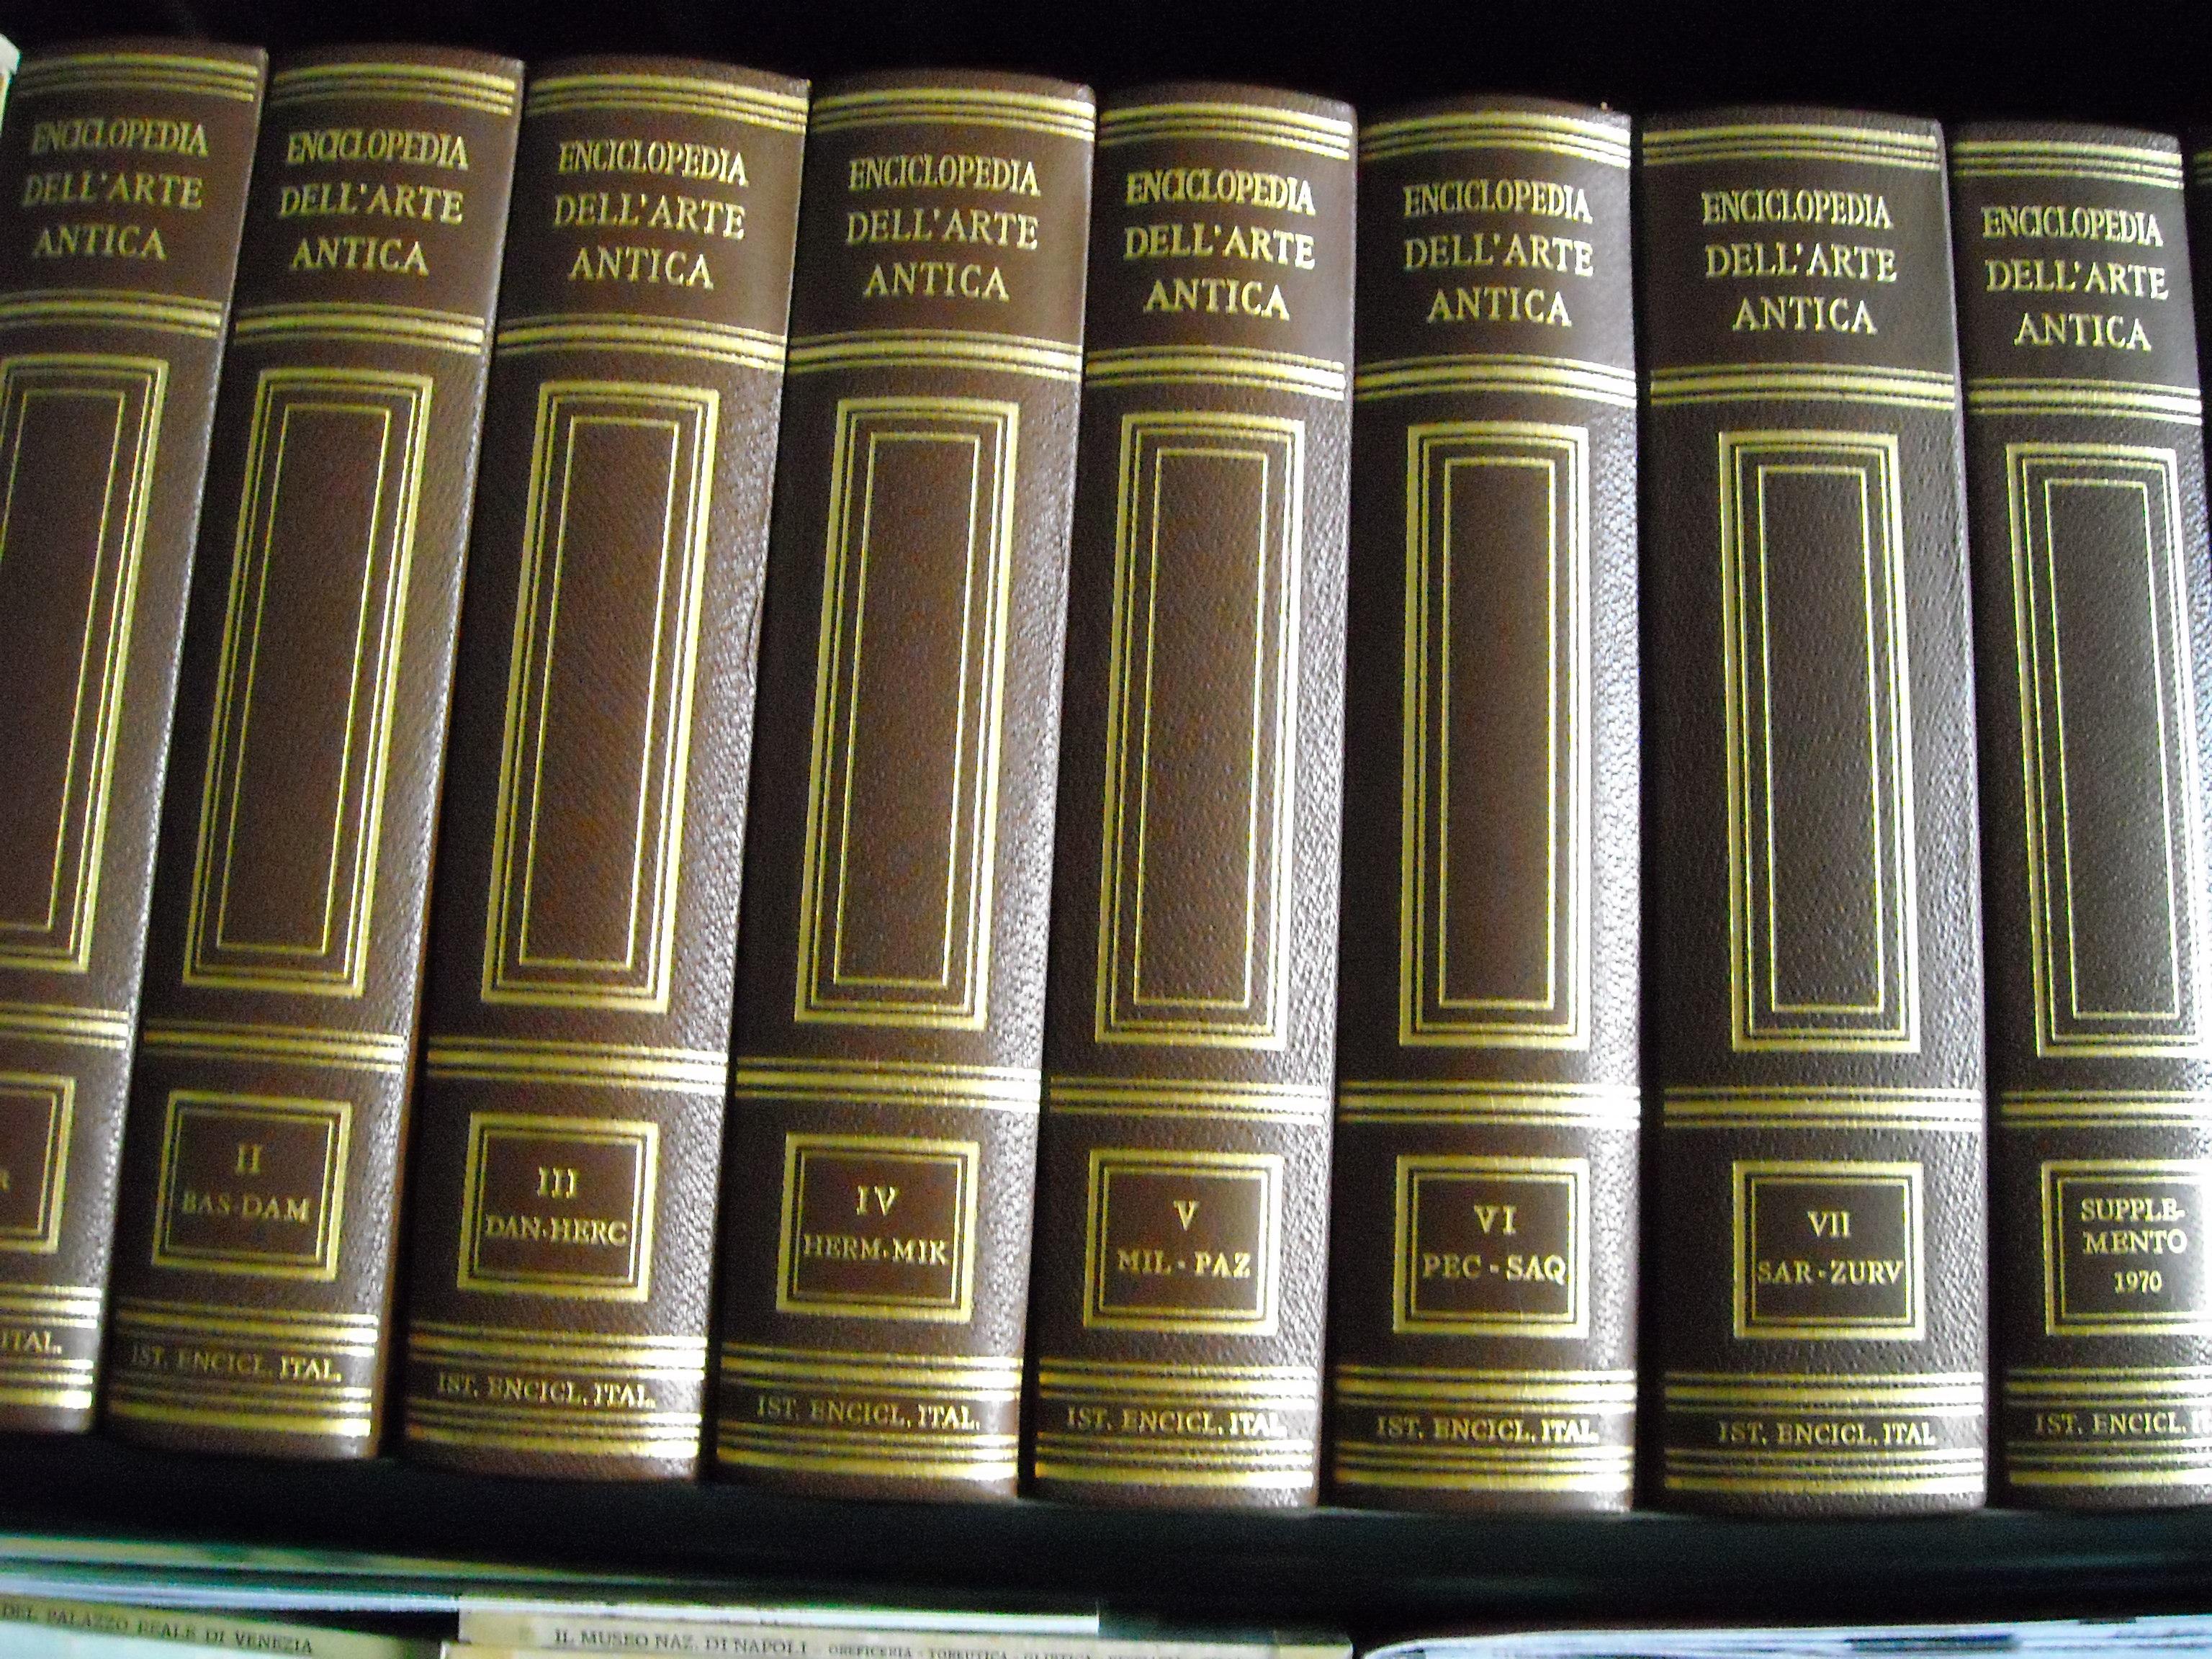 Enciclopedia dell'Arte Antica Vol. V